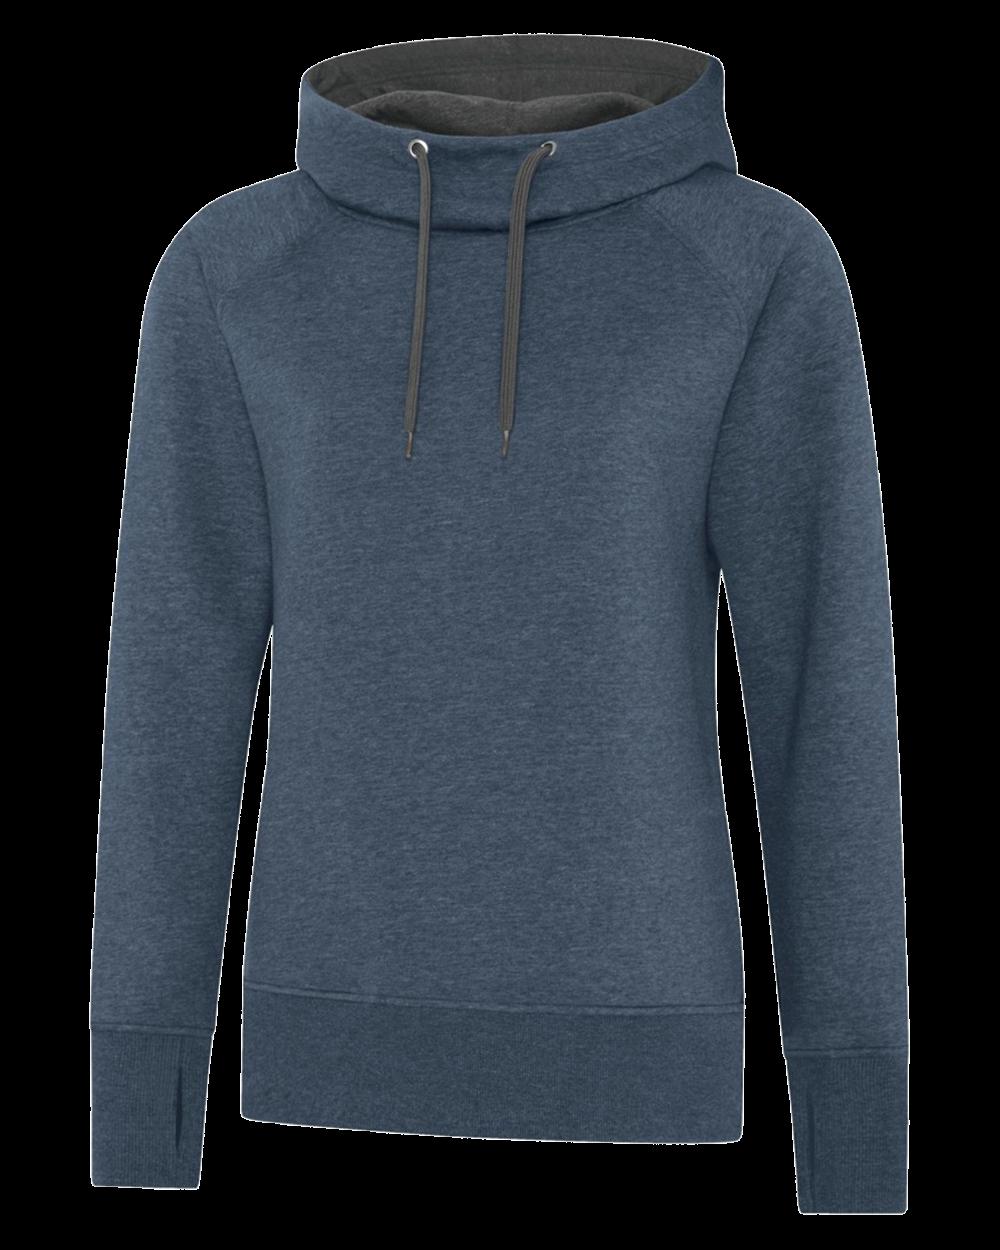 ES Active Vintage Hooded Ladies Sweatshirt